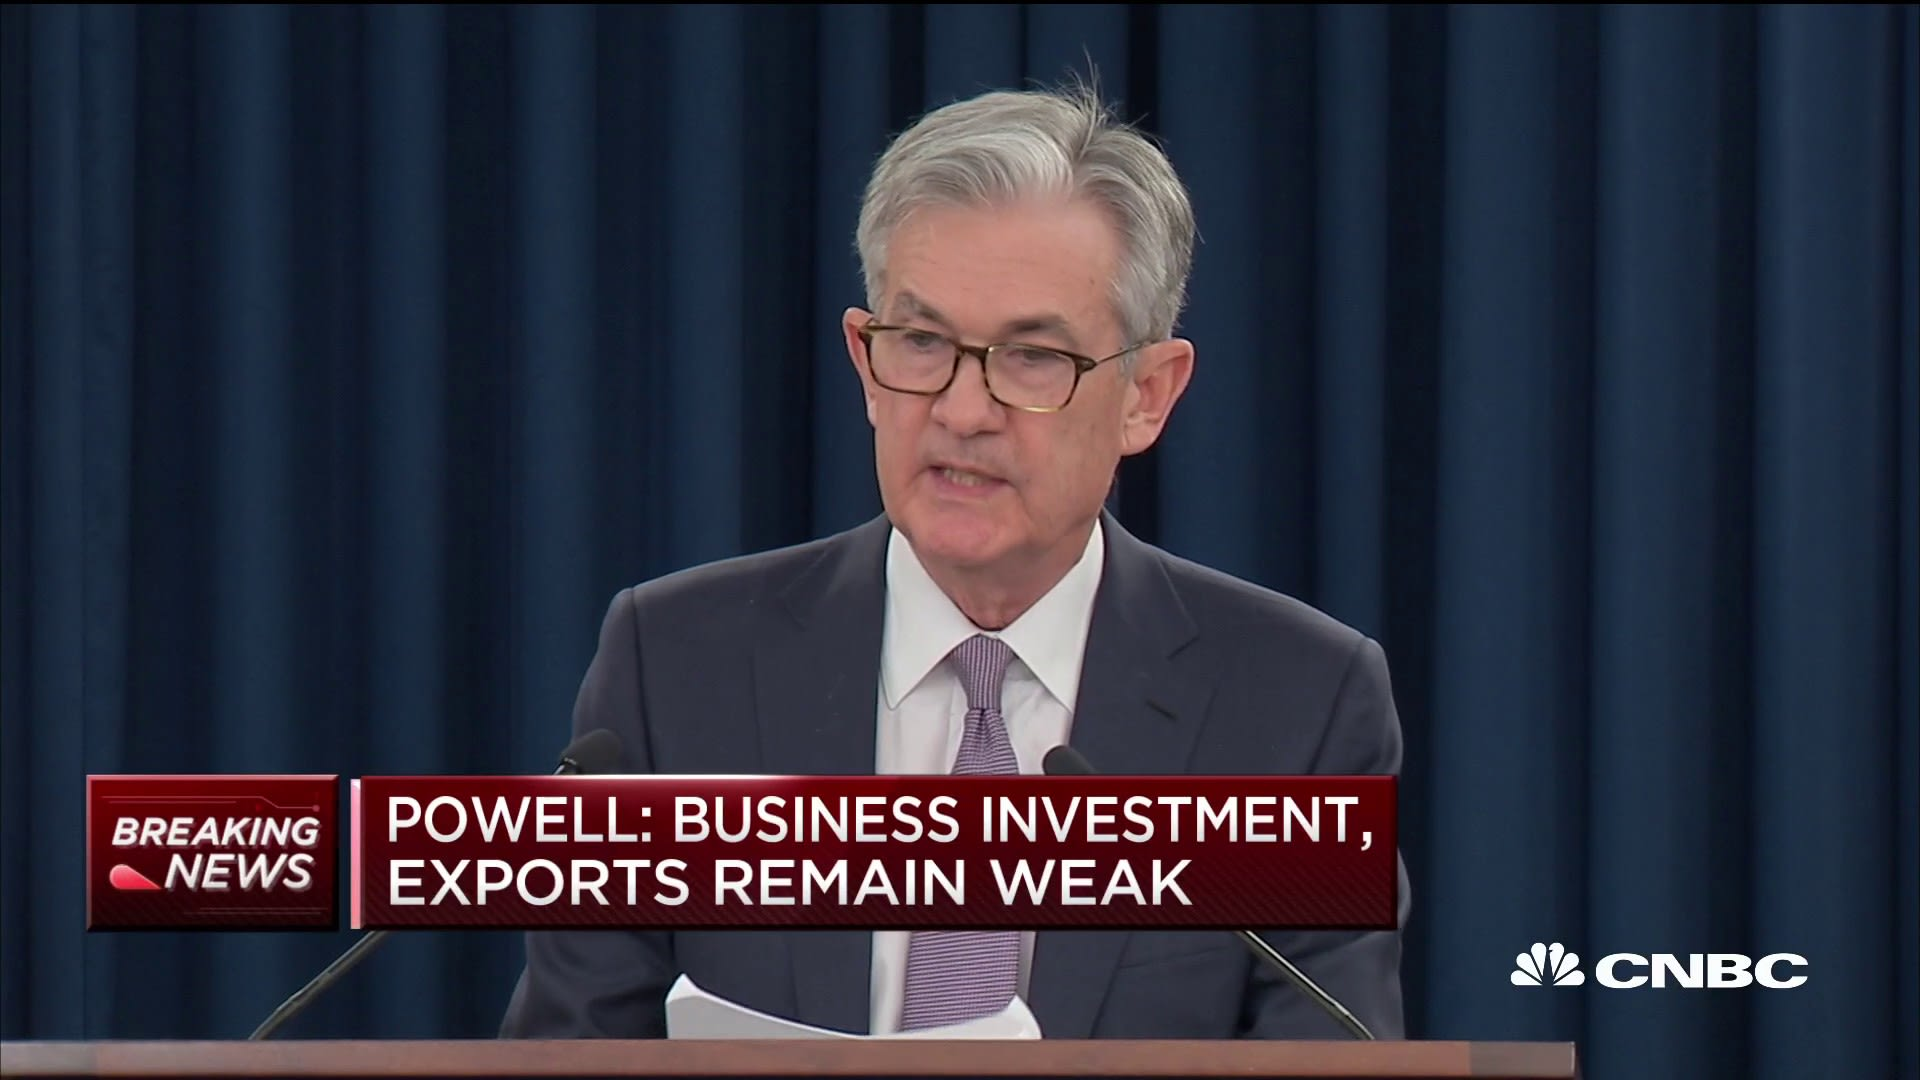 Powell: Economic outlook remains 'favorable' despite risks